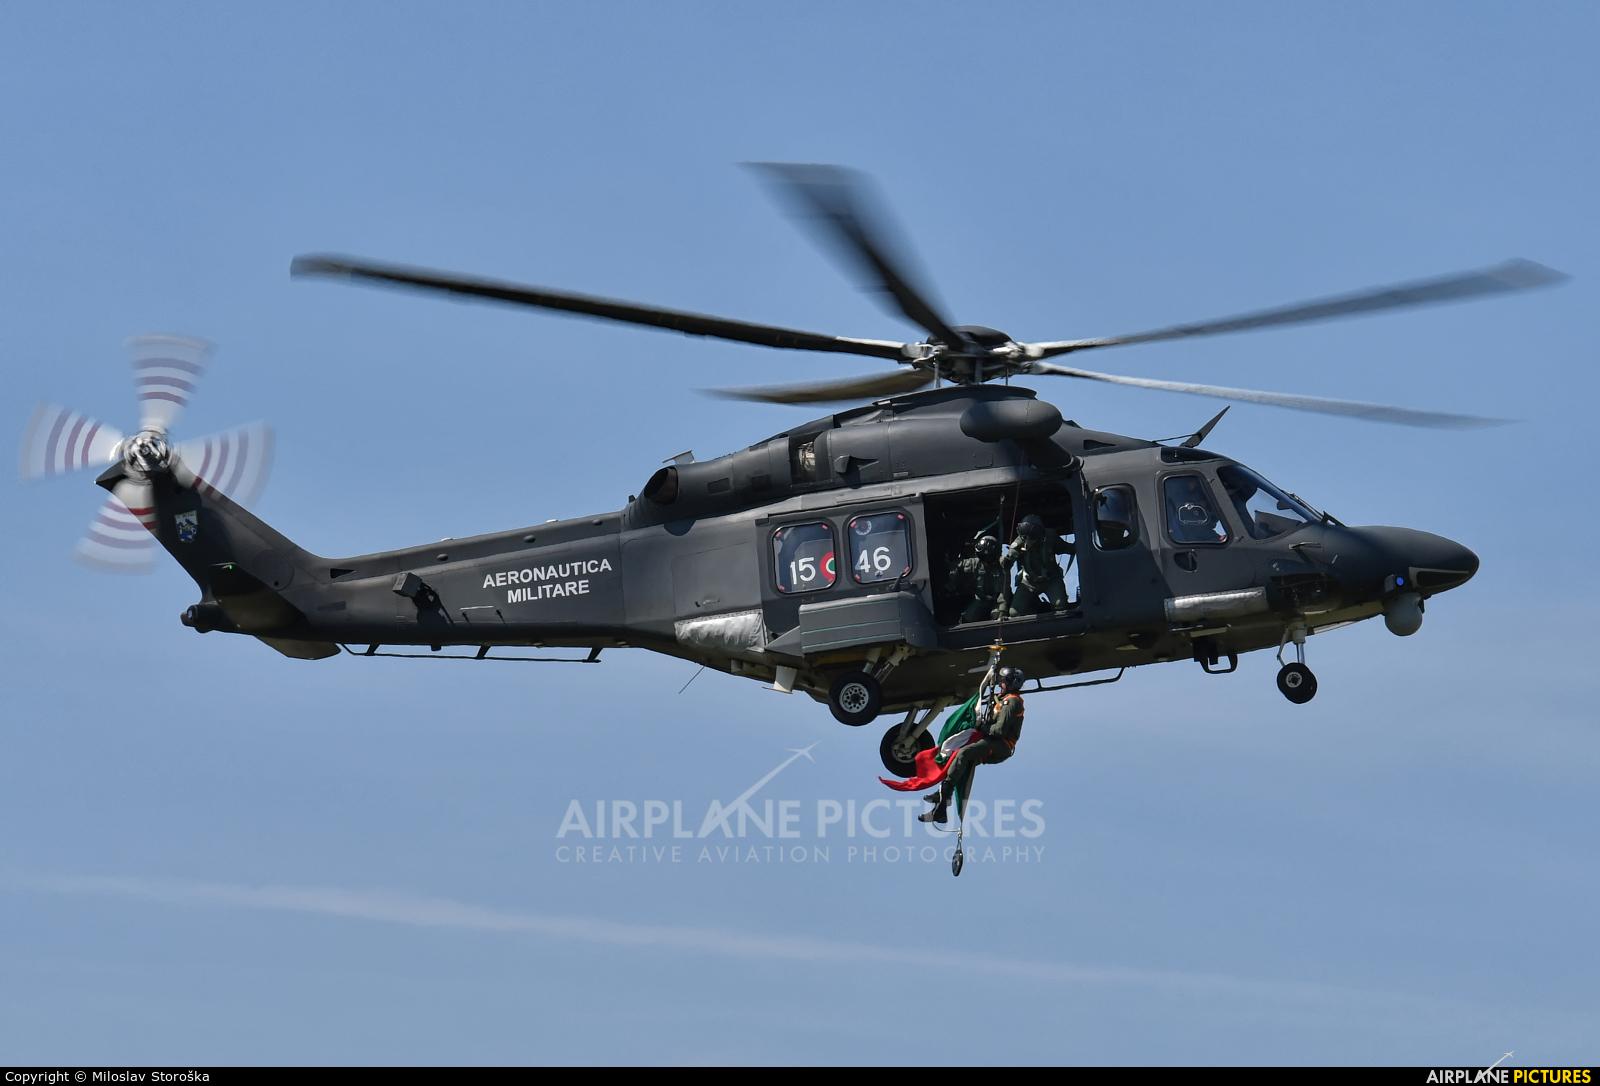 Italy - Air Force MM81802 aircraft at Sliač